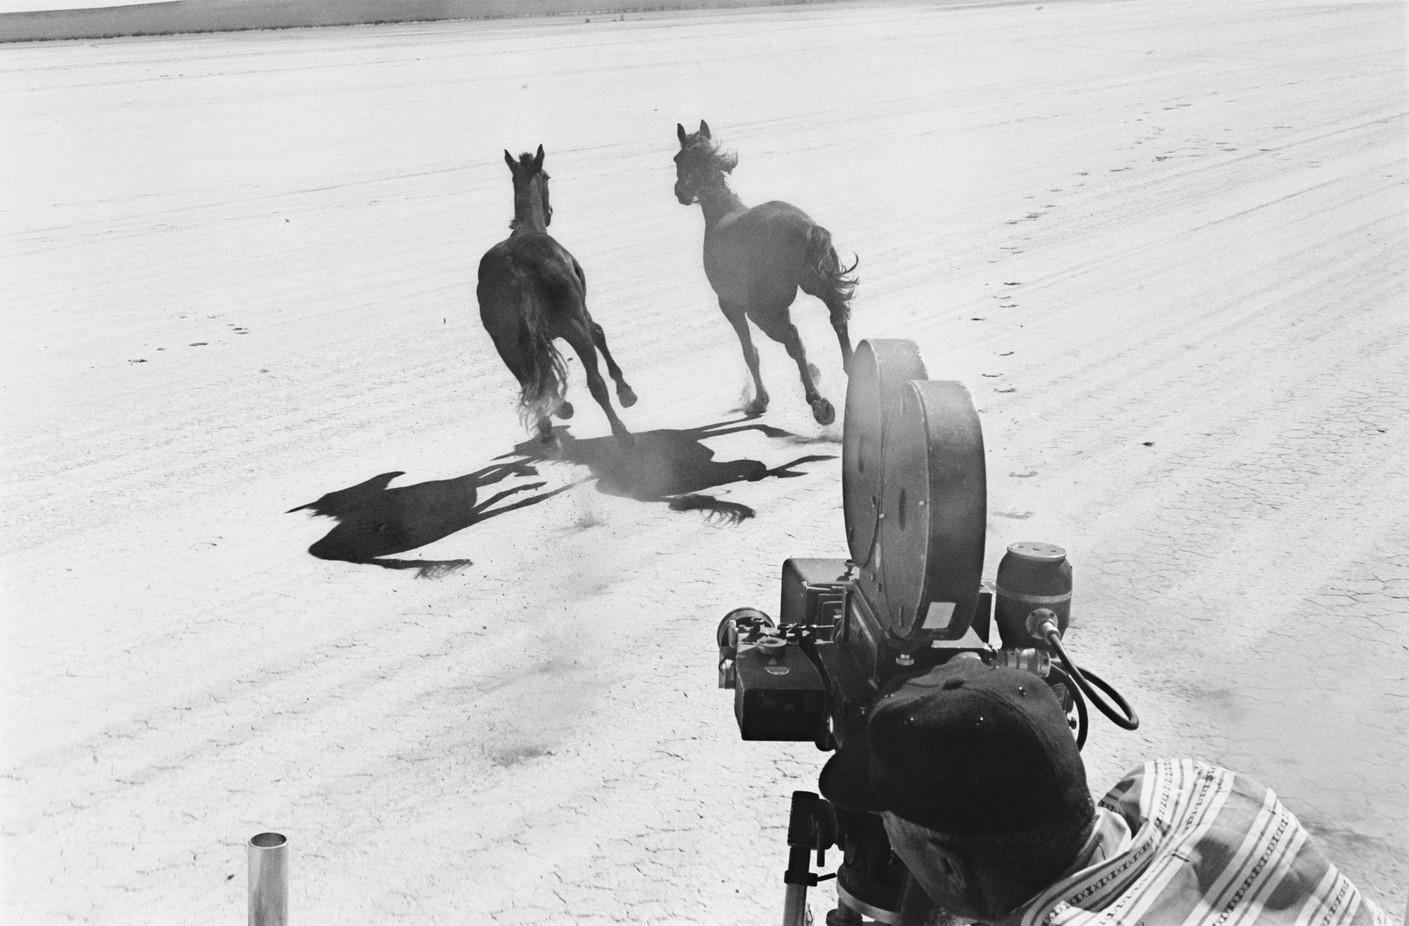 «Неприкаянные» стали одним изпервых вГолливуде фильмов, закадром которого проходила фотосъемка, — продюсеры подписали договор сагентством Magnum.